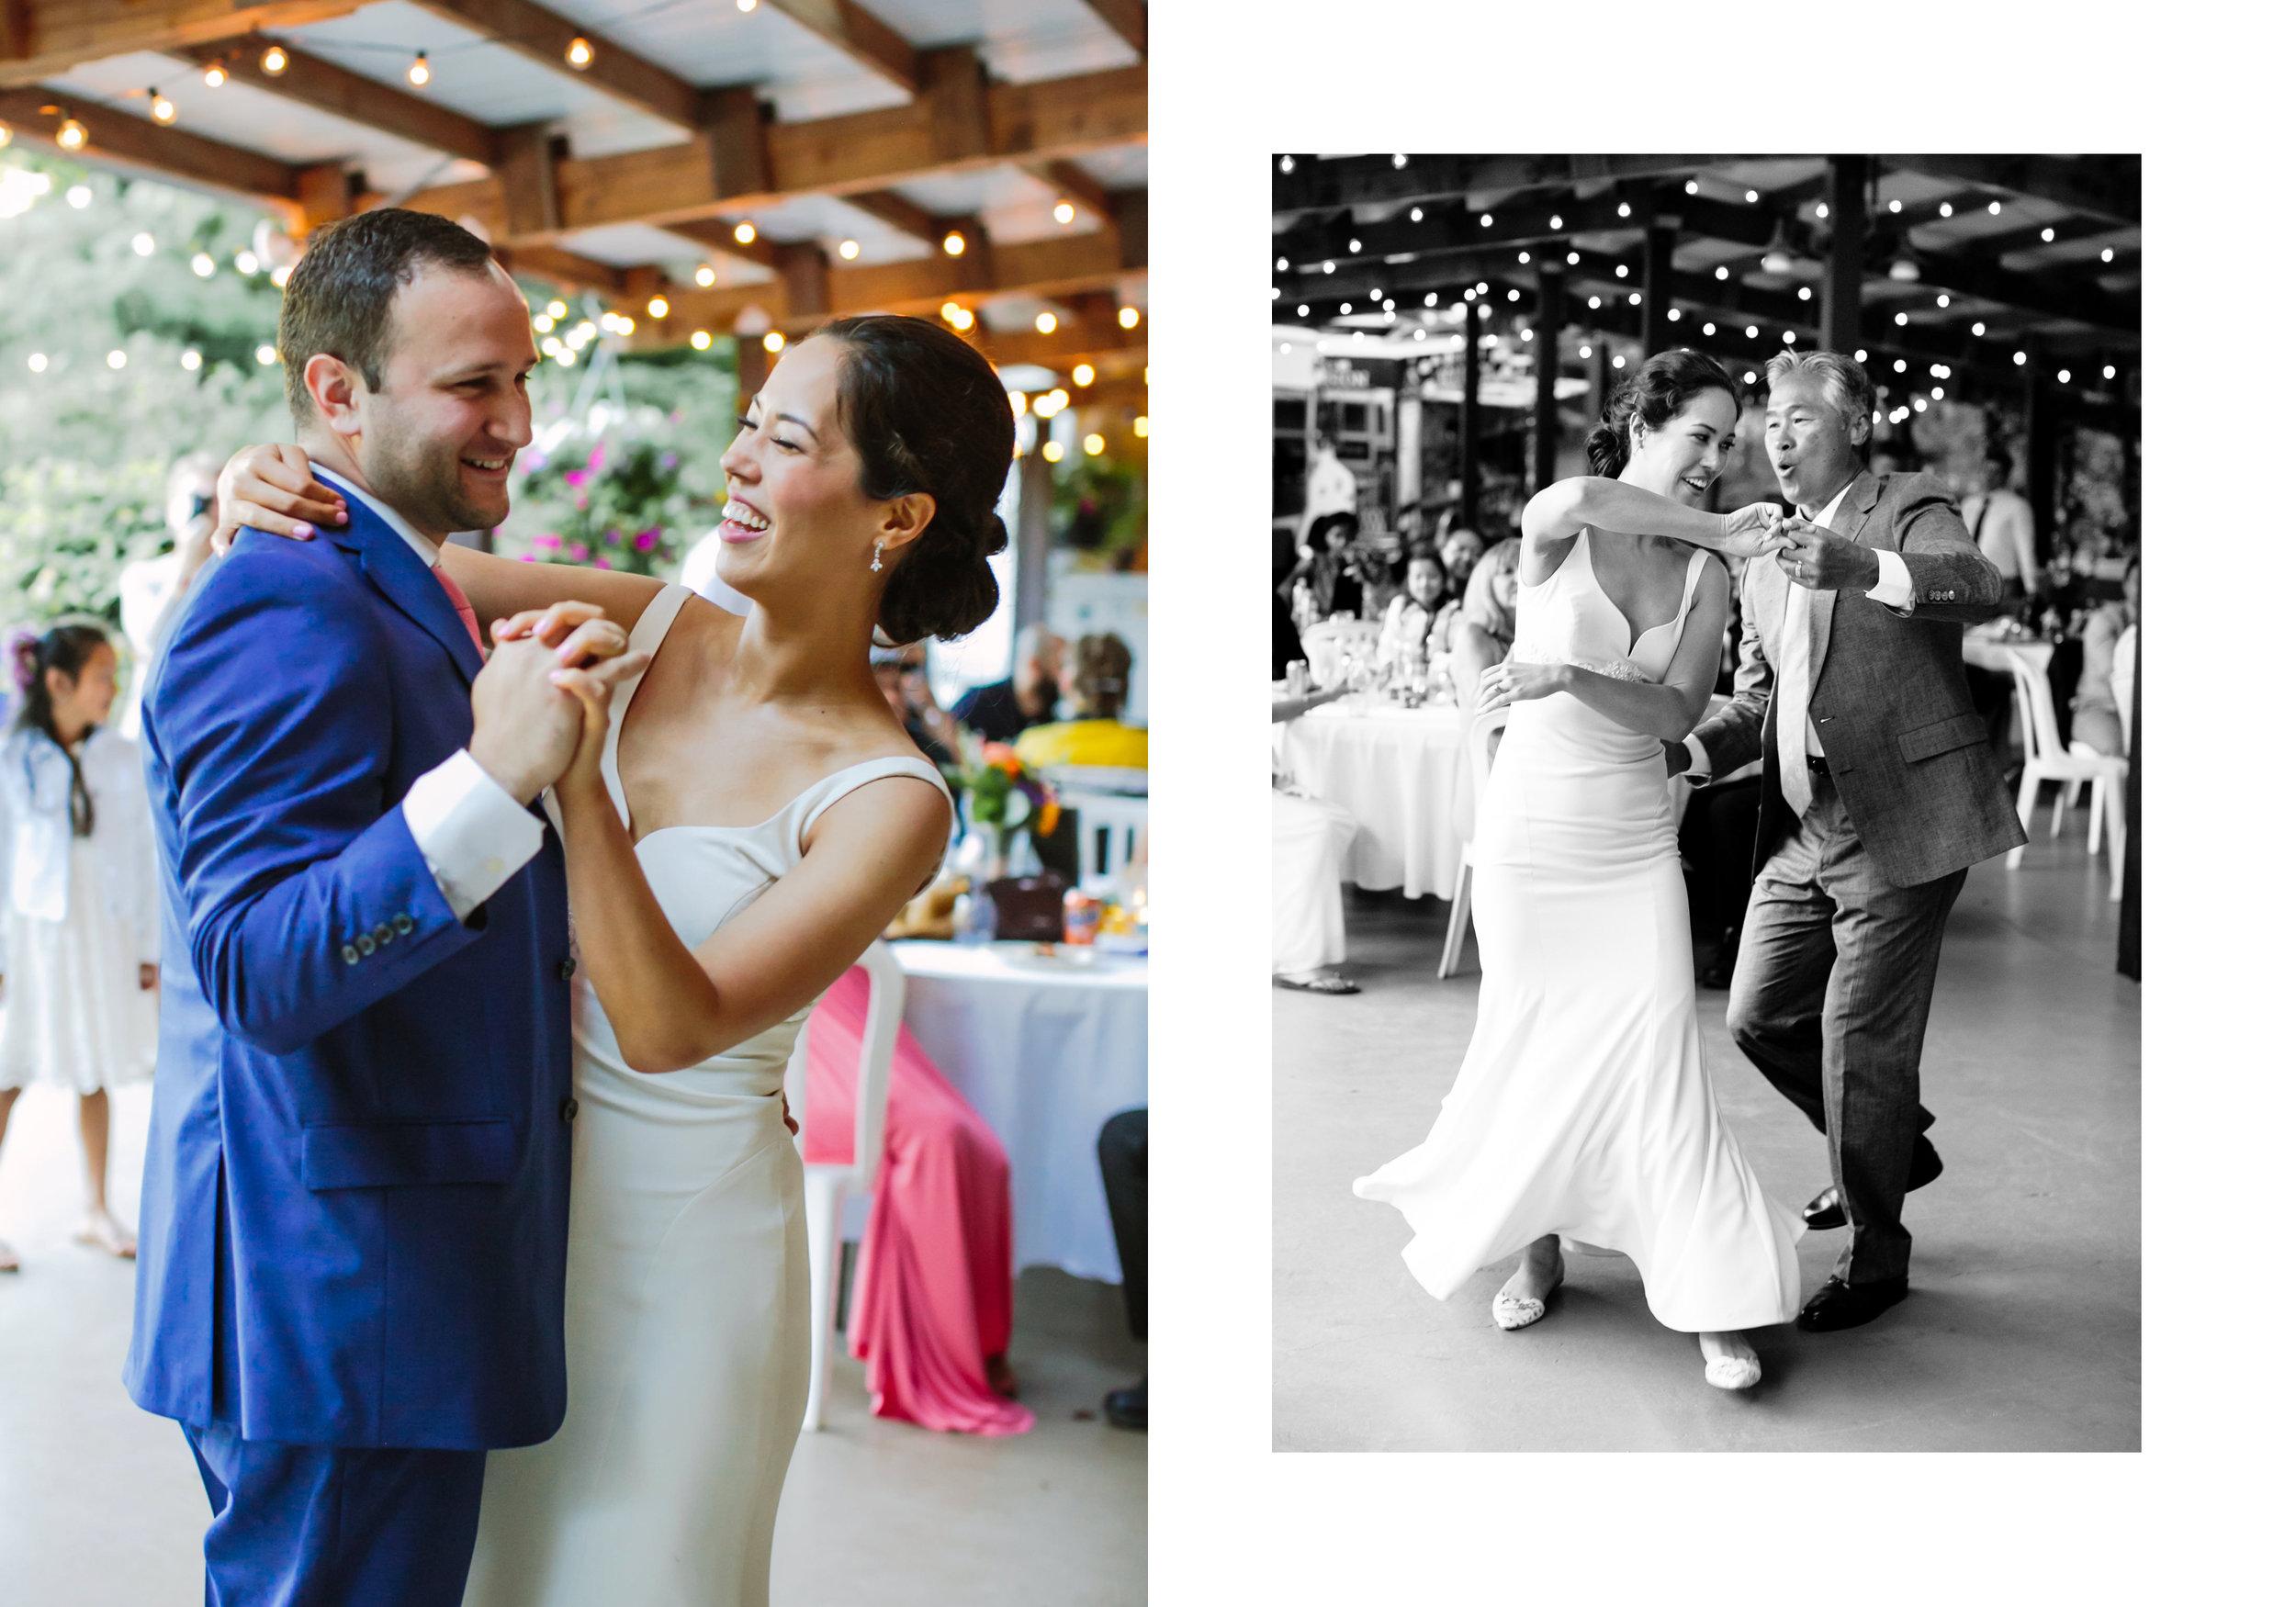 horningshideout-wedding-portland-oregon-ashley-courter-photographer0044.JPG